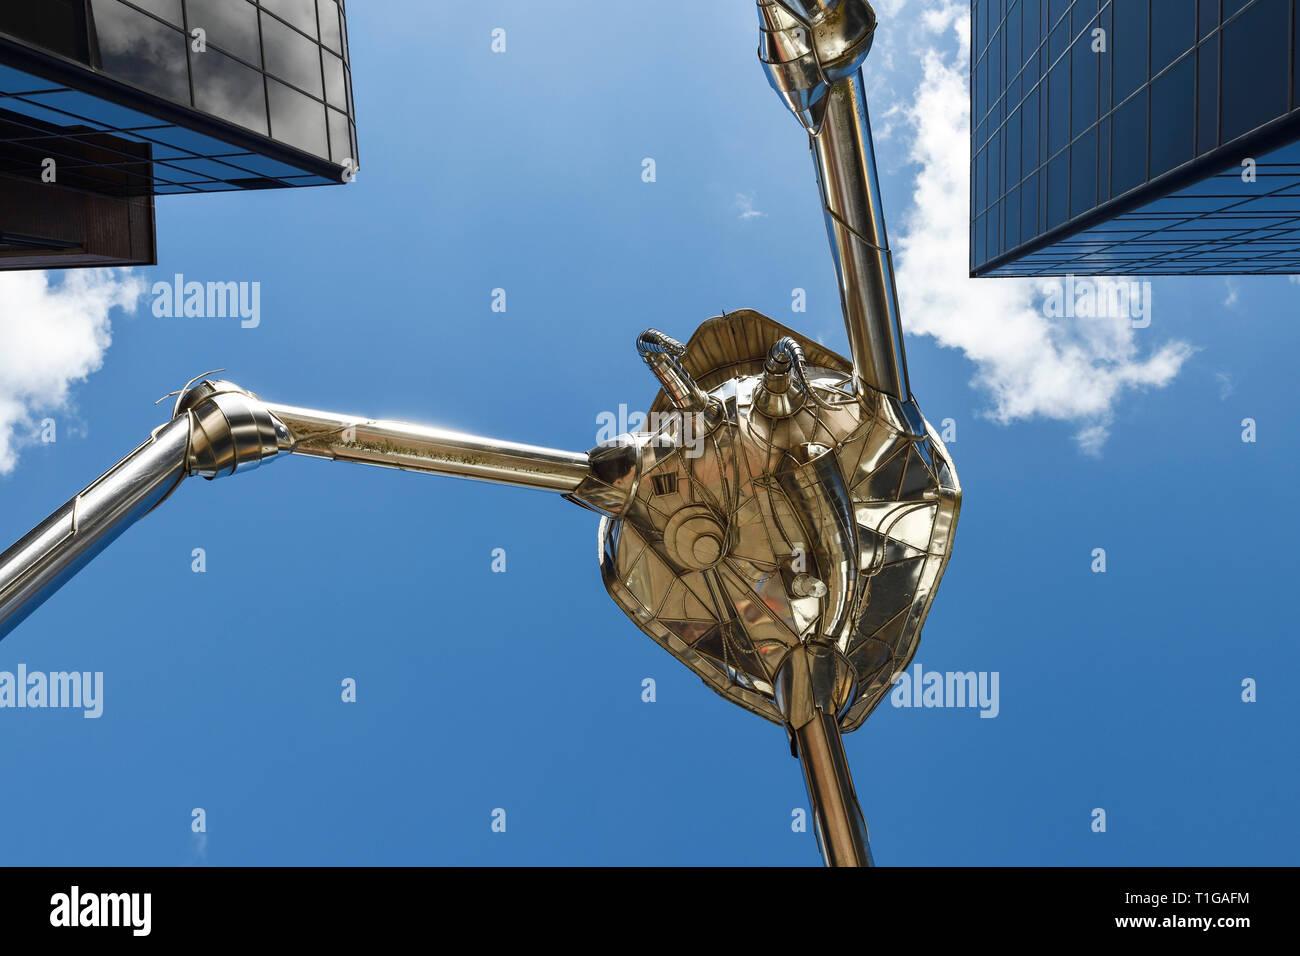 Cerrar detalle de Woking Martian trípode escultura diseñada por Michael Condron en el centro de la ciudad de Woking Surrey, Reino Unido Foto de stock